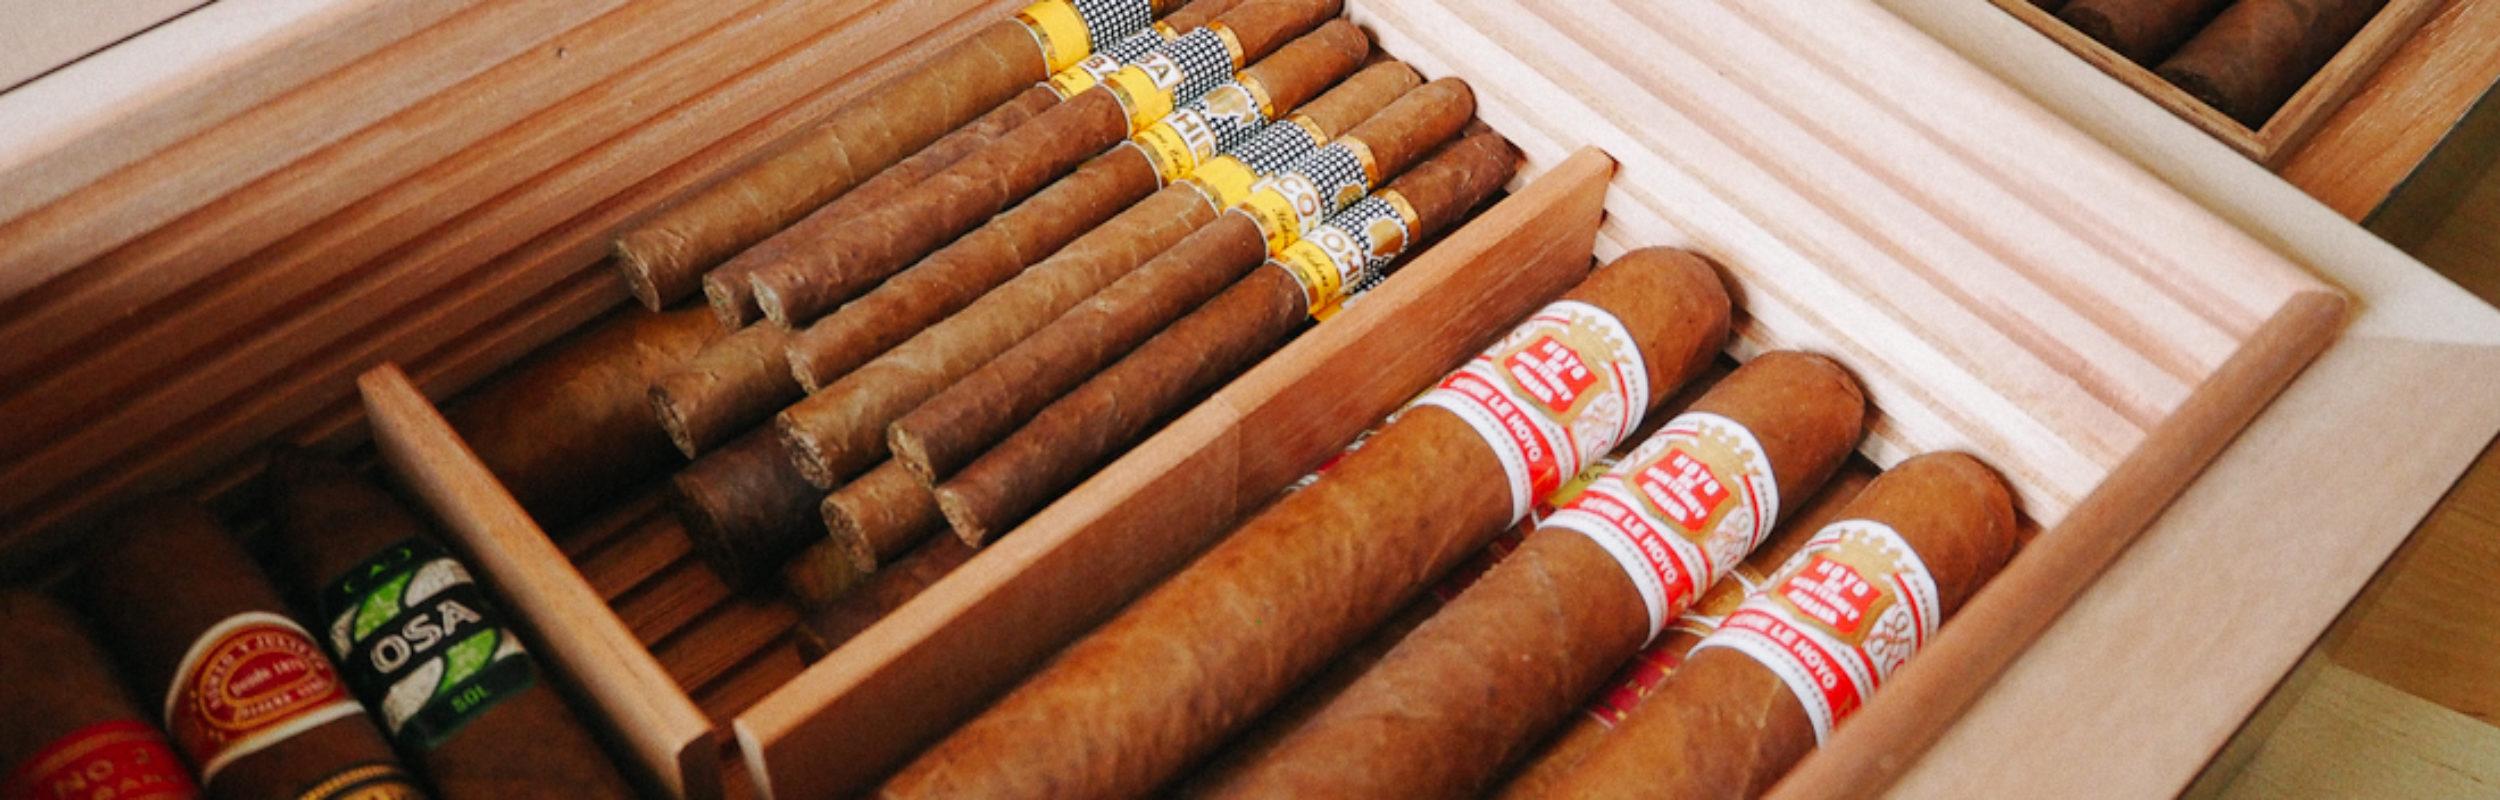 Où acheter ses cigares à Cuba ? Quels cigares acheter ? Tout sur le tabac à Cuba !